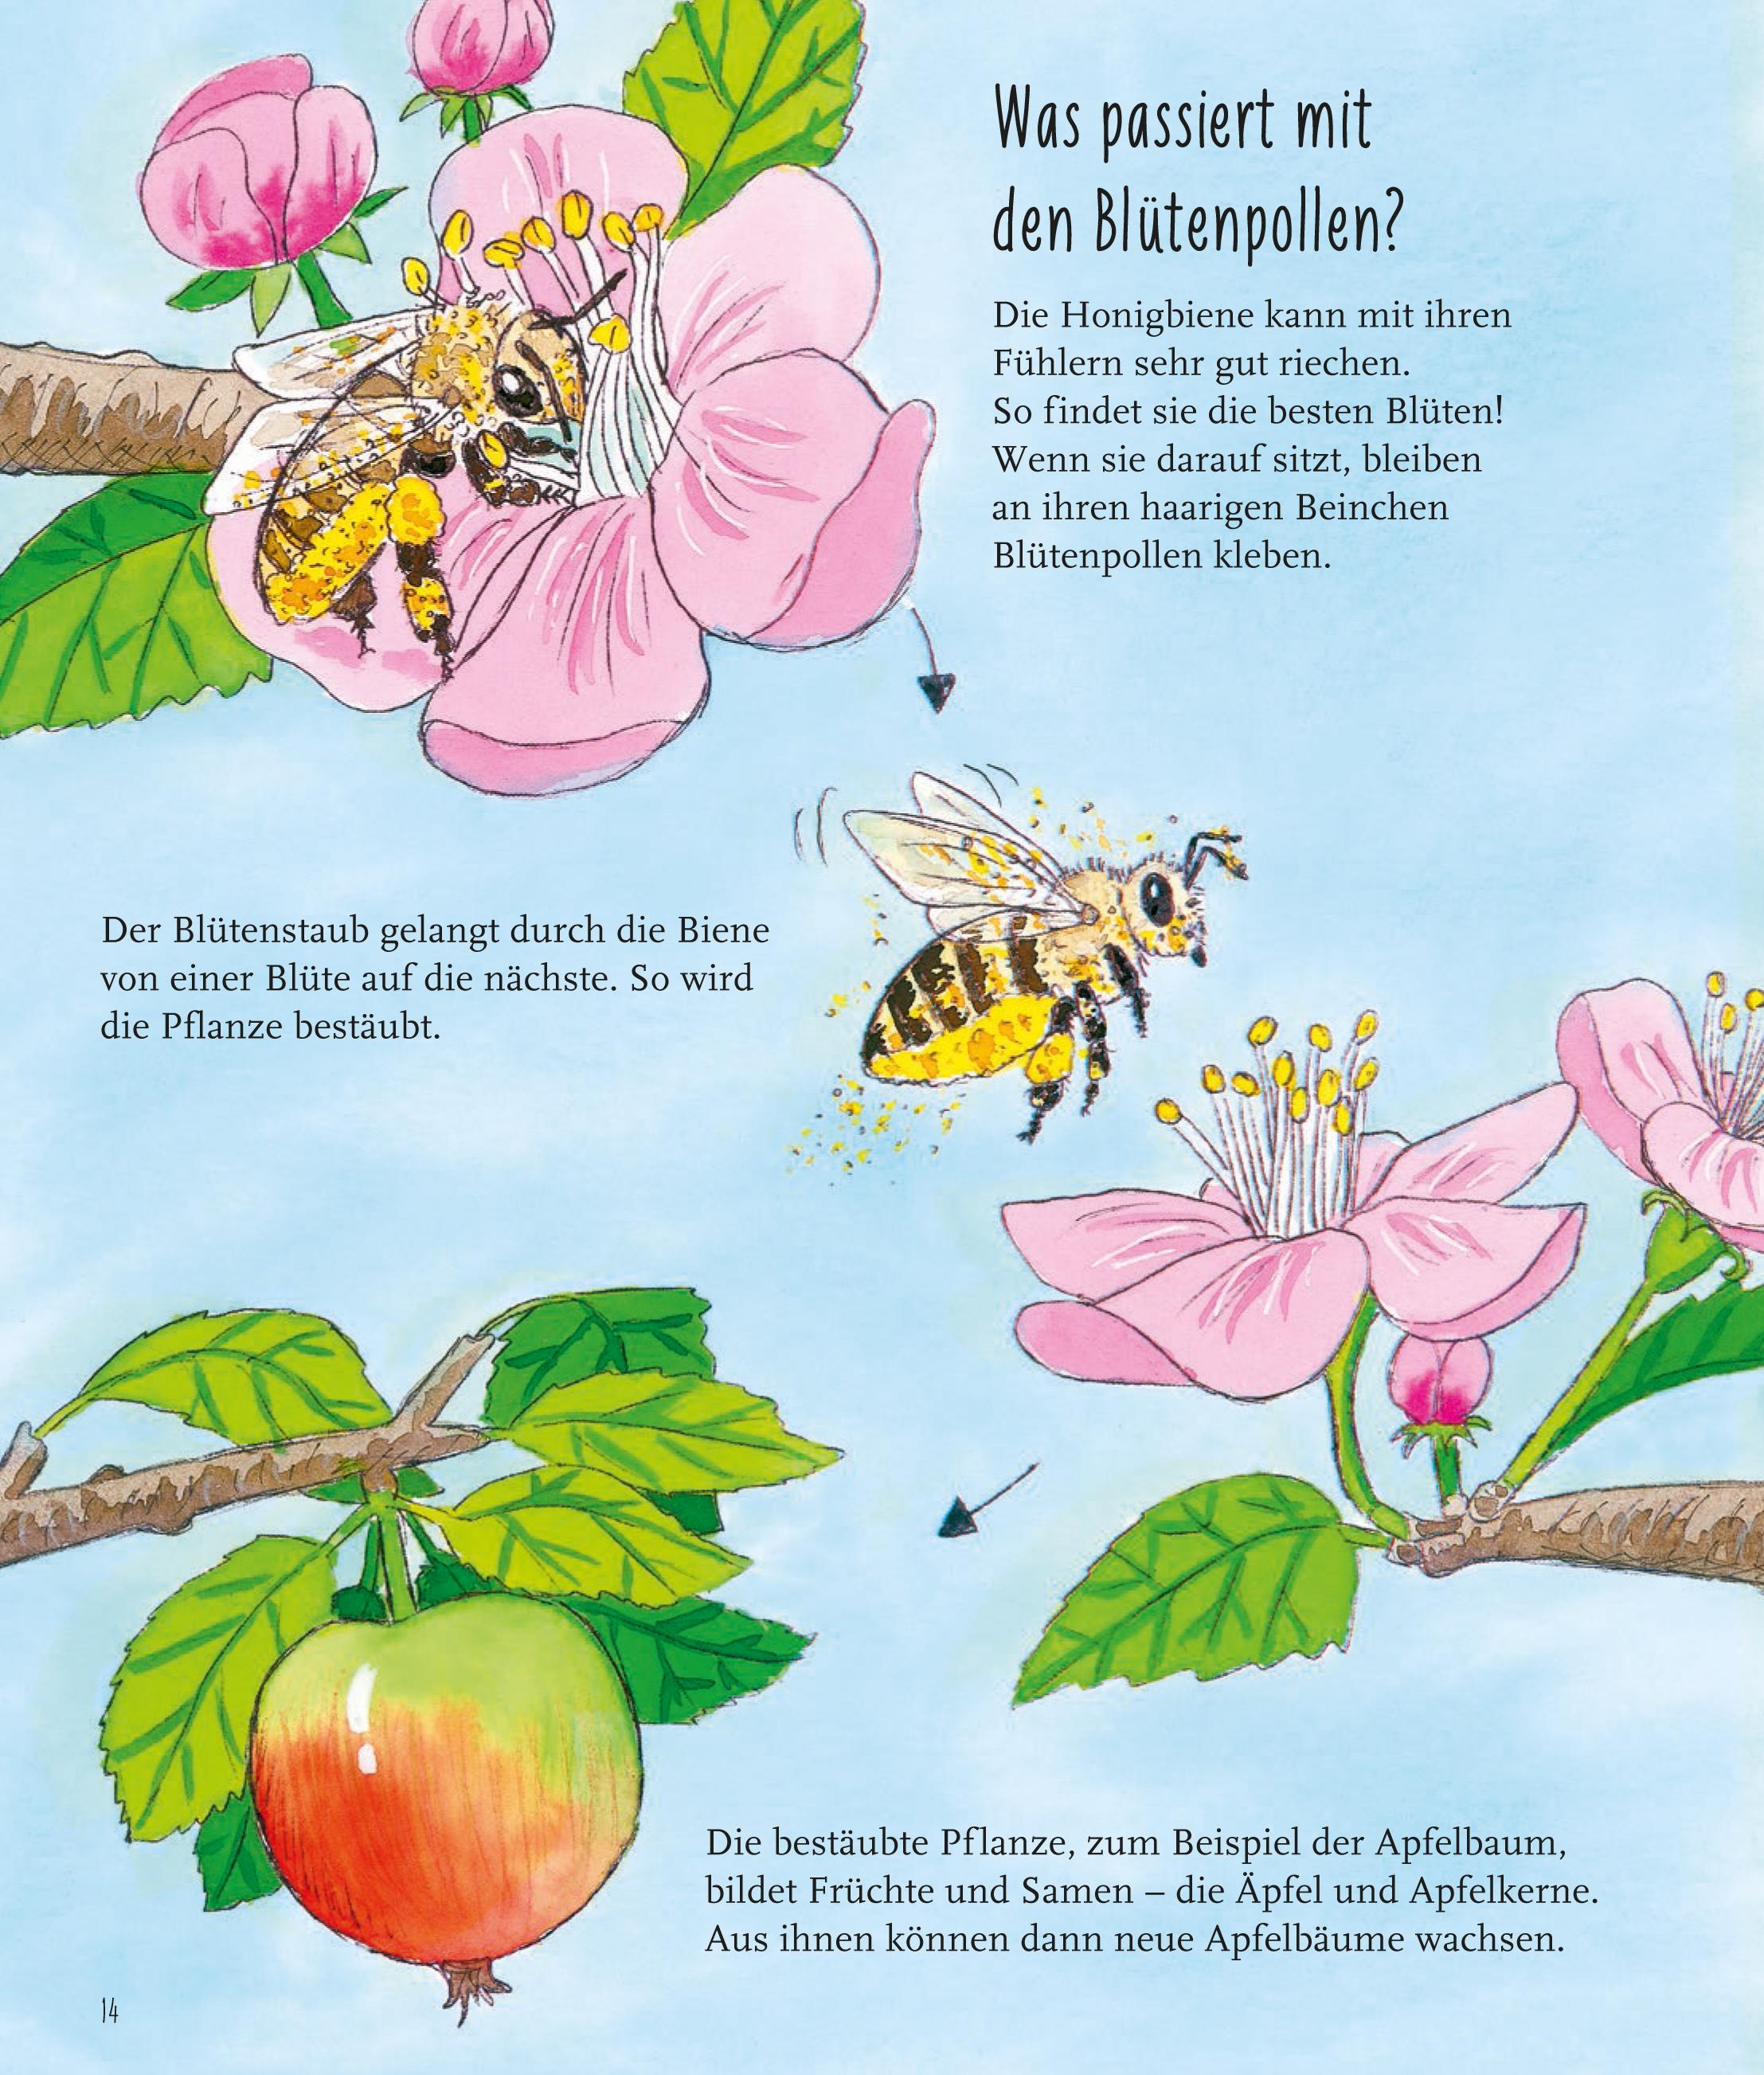 Bienen-14.jpg